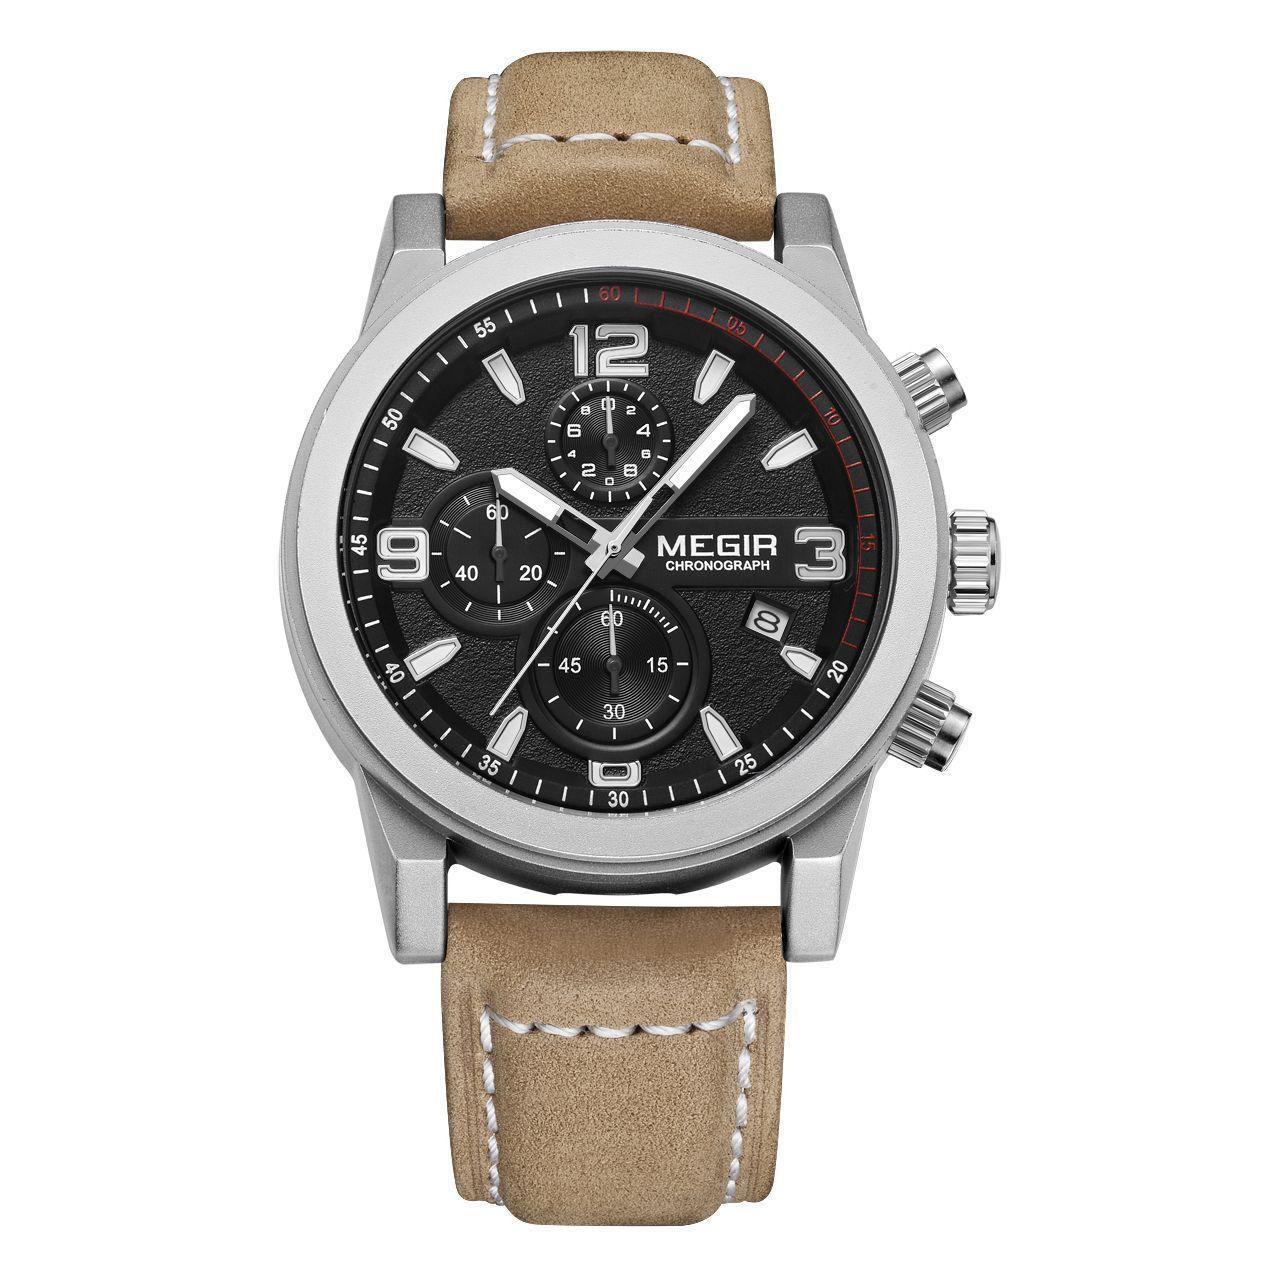 Интернет-магазин livening-russia.ru если вы задумались о том, где недорого купить наручные часы, и особенно, какие выбрать, обратите внимание на набирающую популярность марку megir.